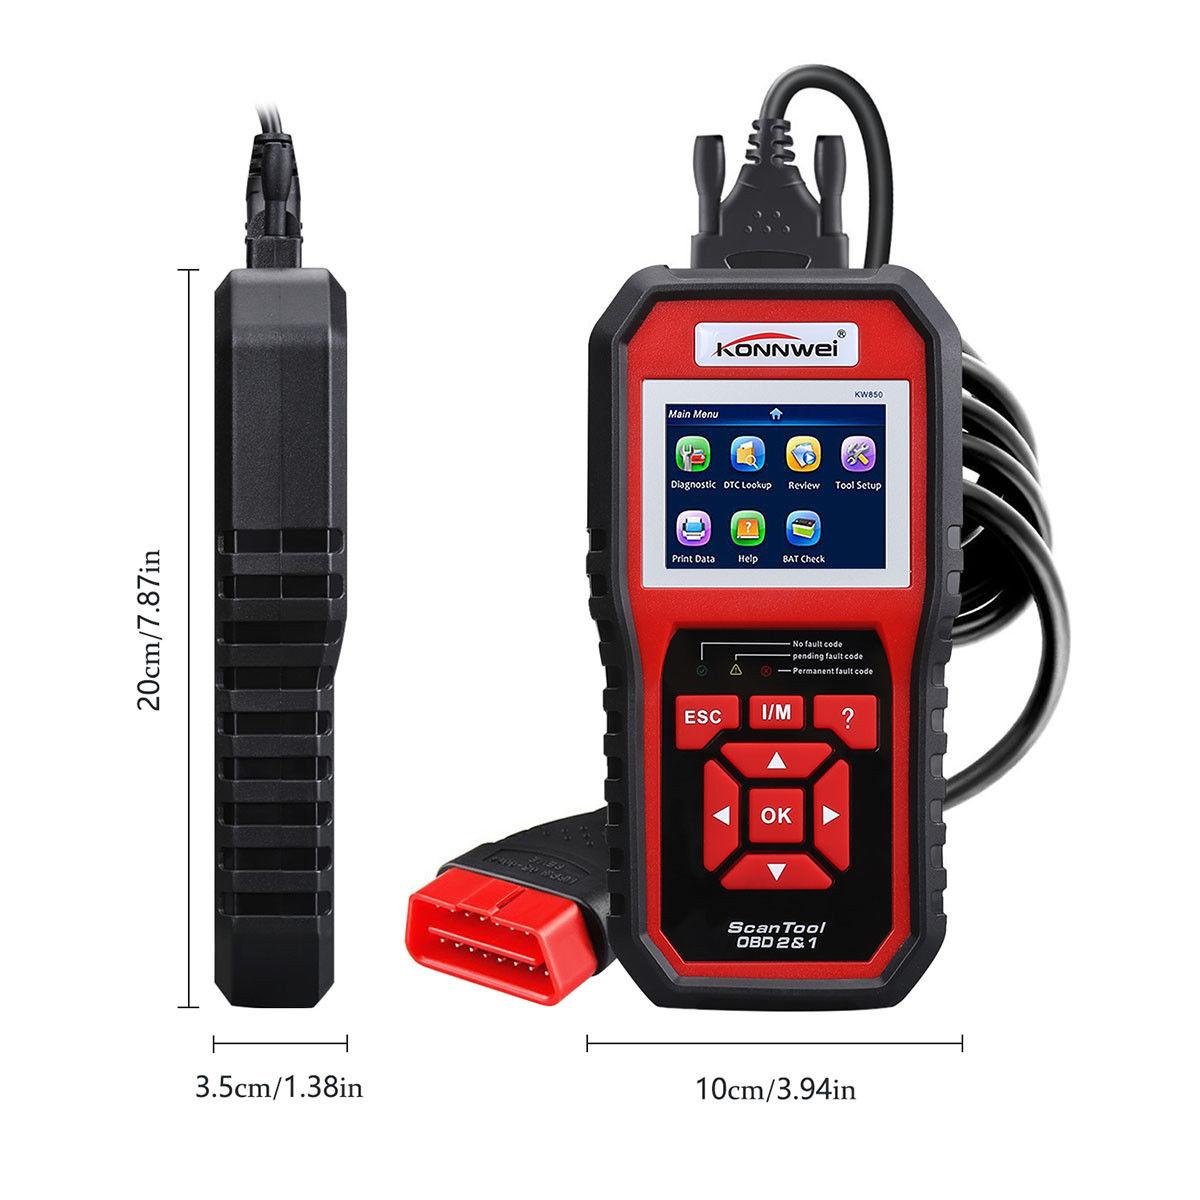 KONNWEI KW850 OBDII OBD2 EOBD Car Auto Códigos Leitor Ferramenta de Diagnóstico Scanner 12 V Com caixa de Varejo UPS DHL Frete Grátis